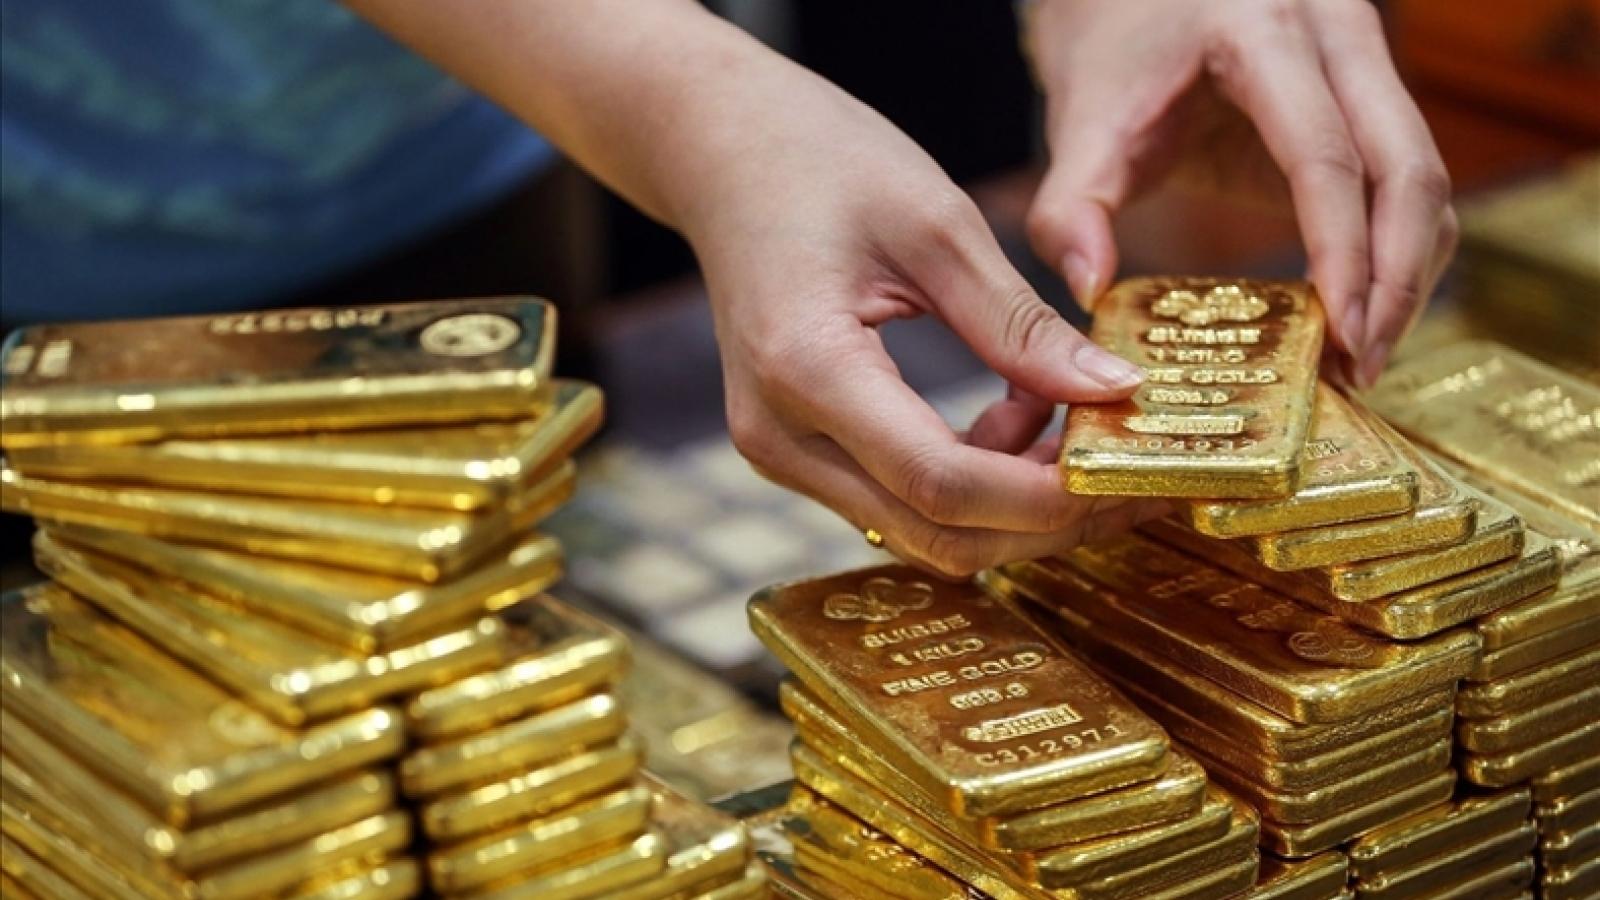 Giá vàng hôm nay 5/6: Vàng trong nước quay đầu tăng mạnh